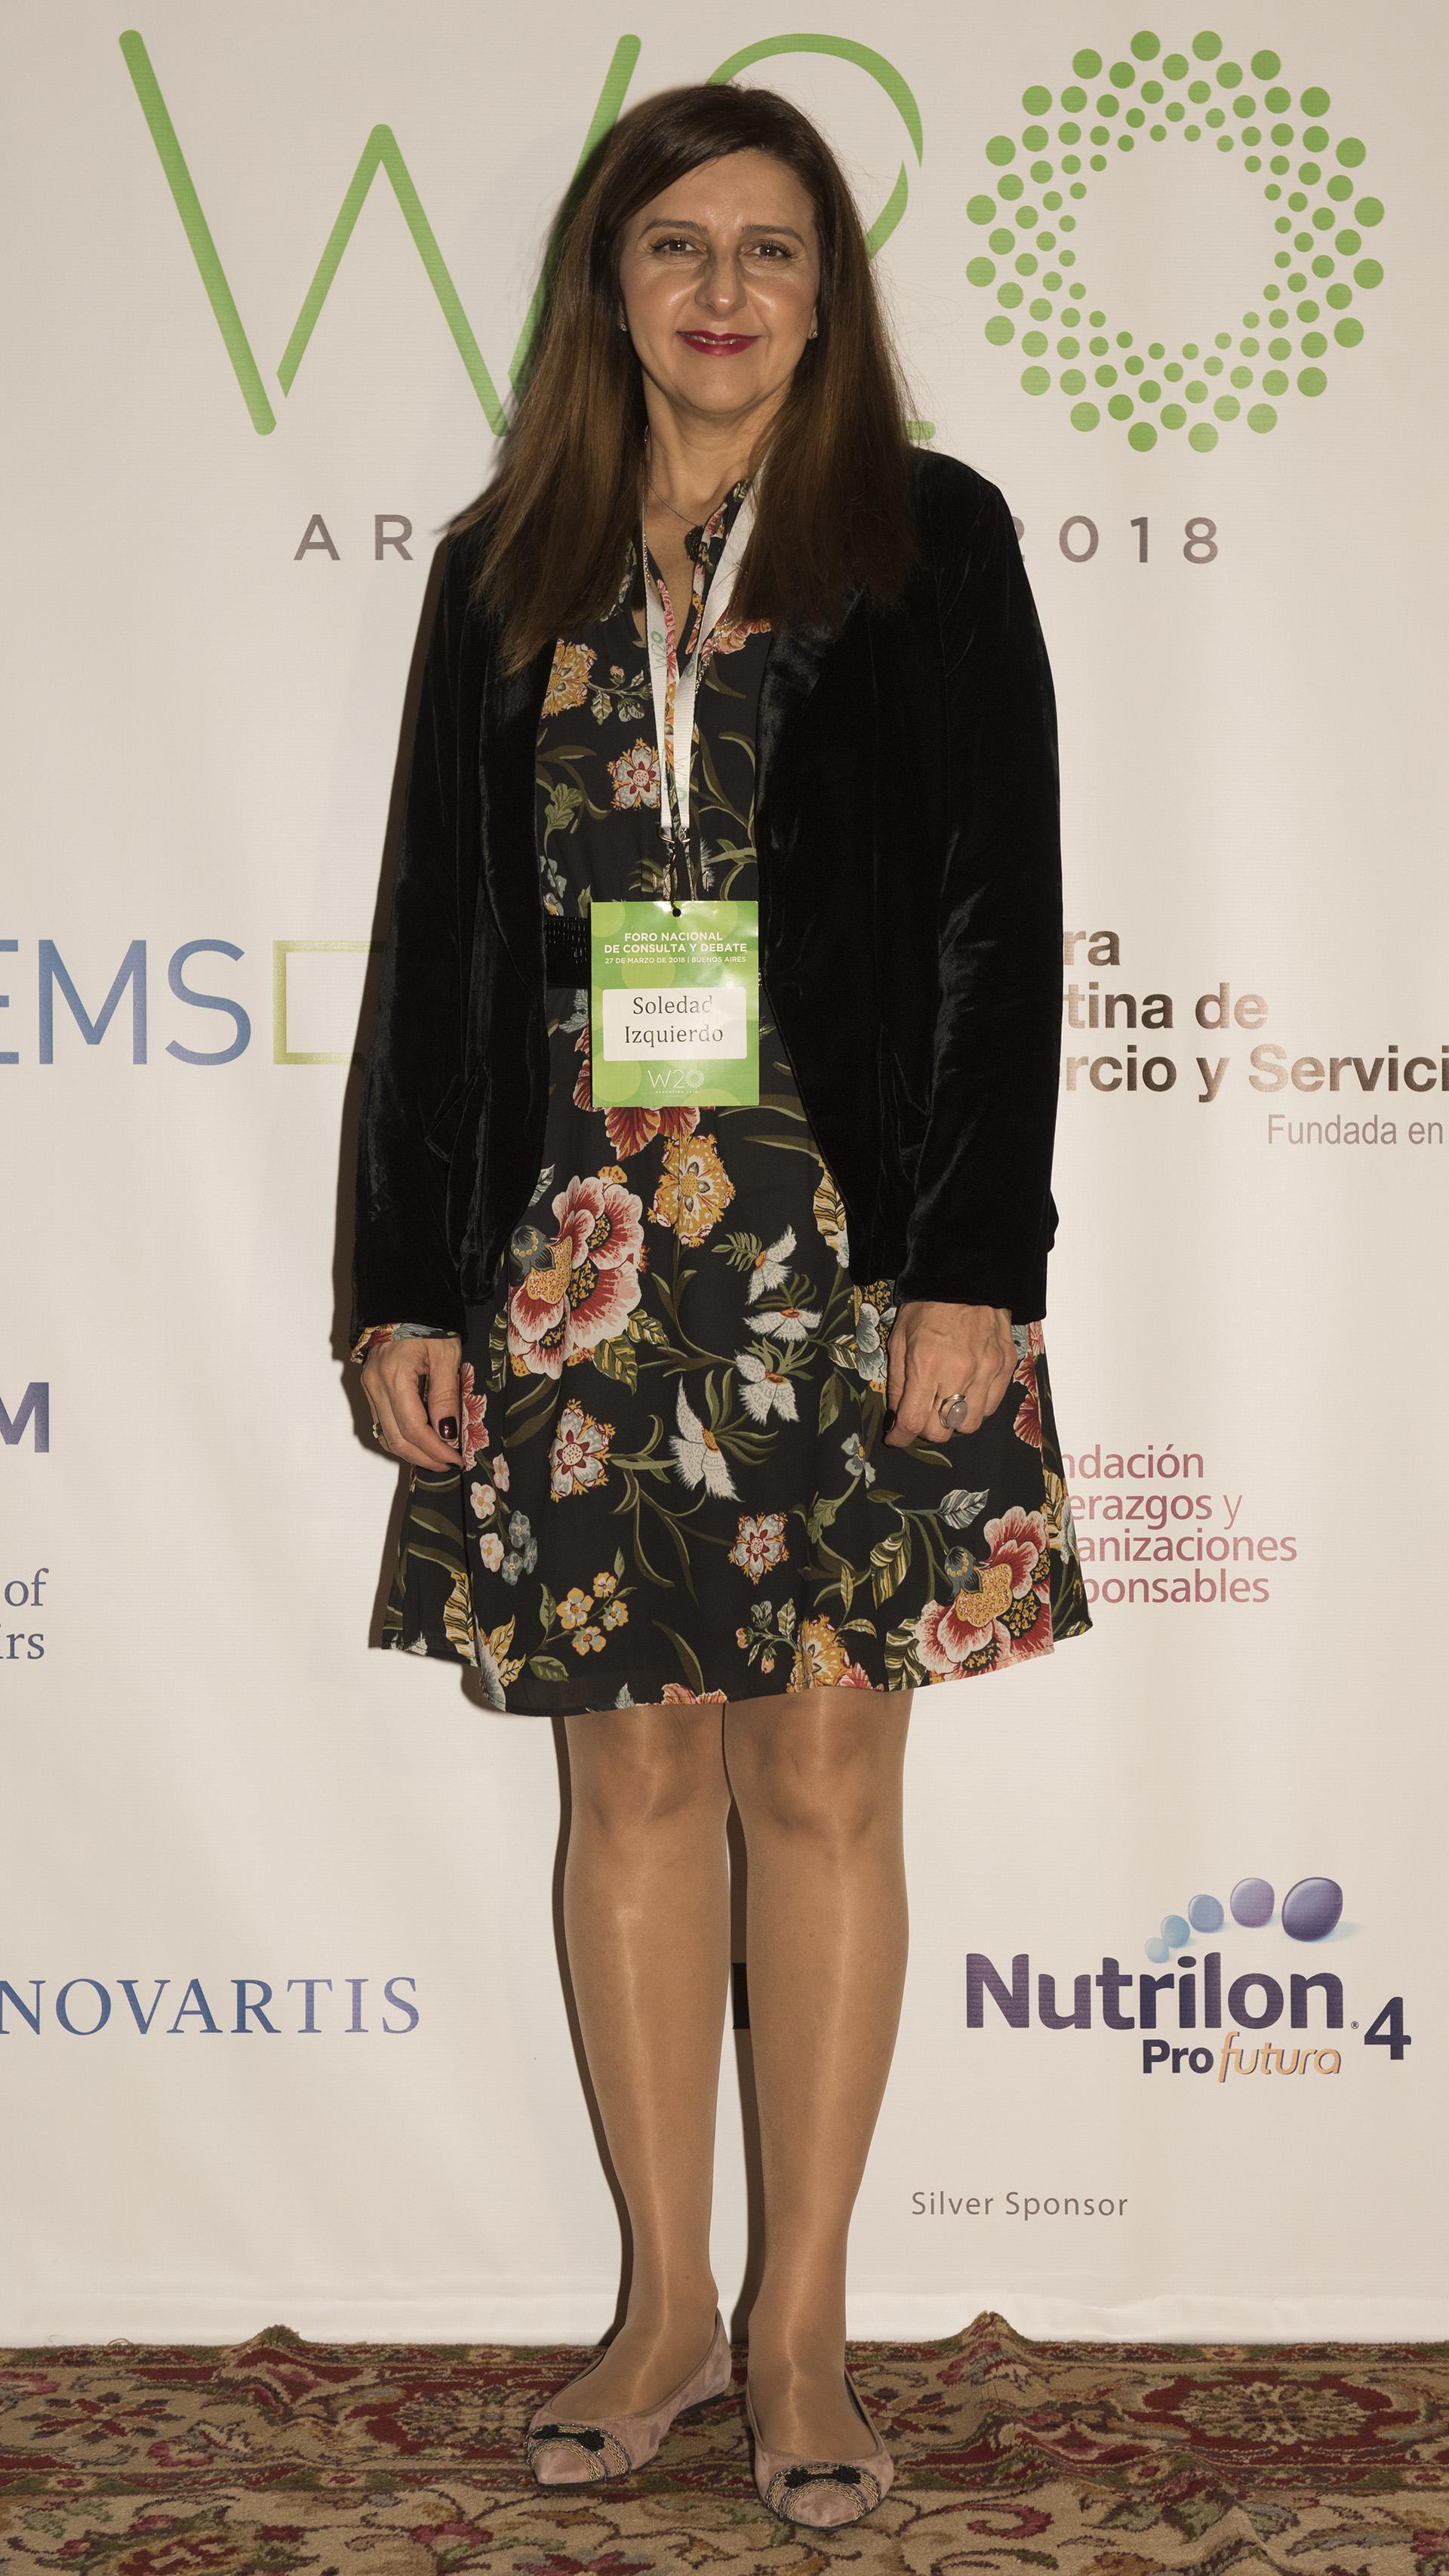 Soledad Izquierdo, Vicepresidente de Asuntos Públicos y Comunicación para el Sur de América Latina